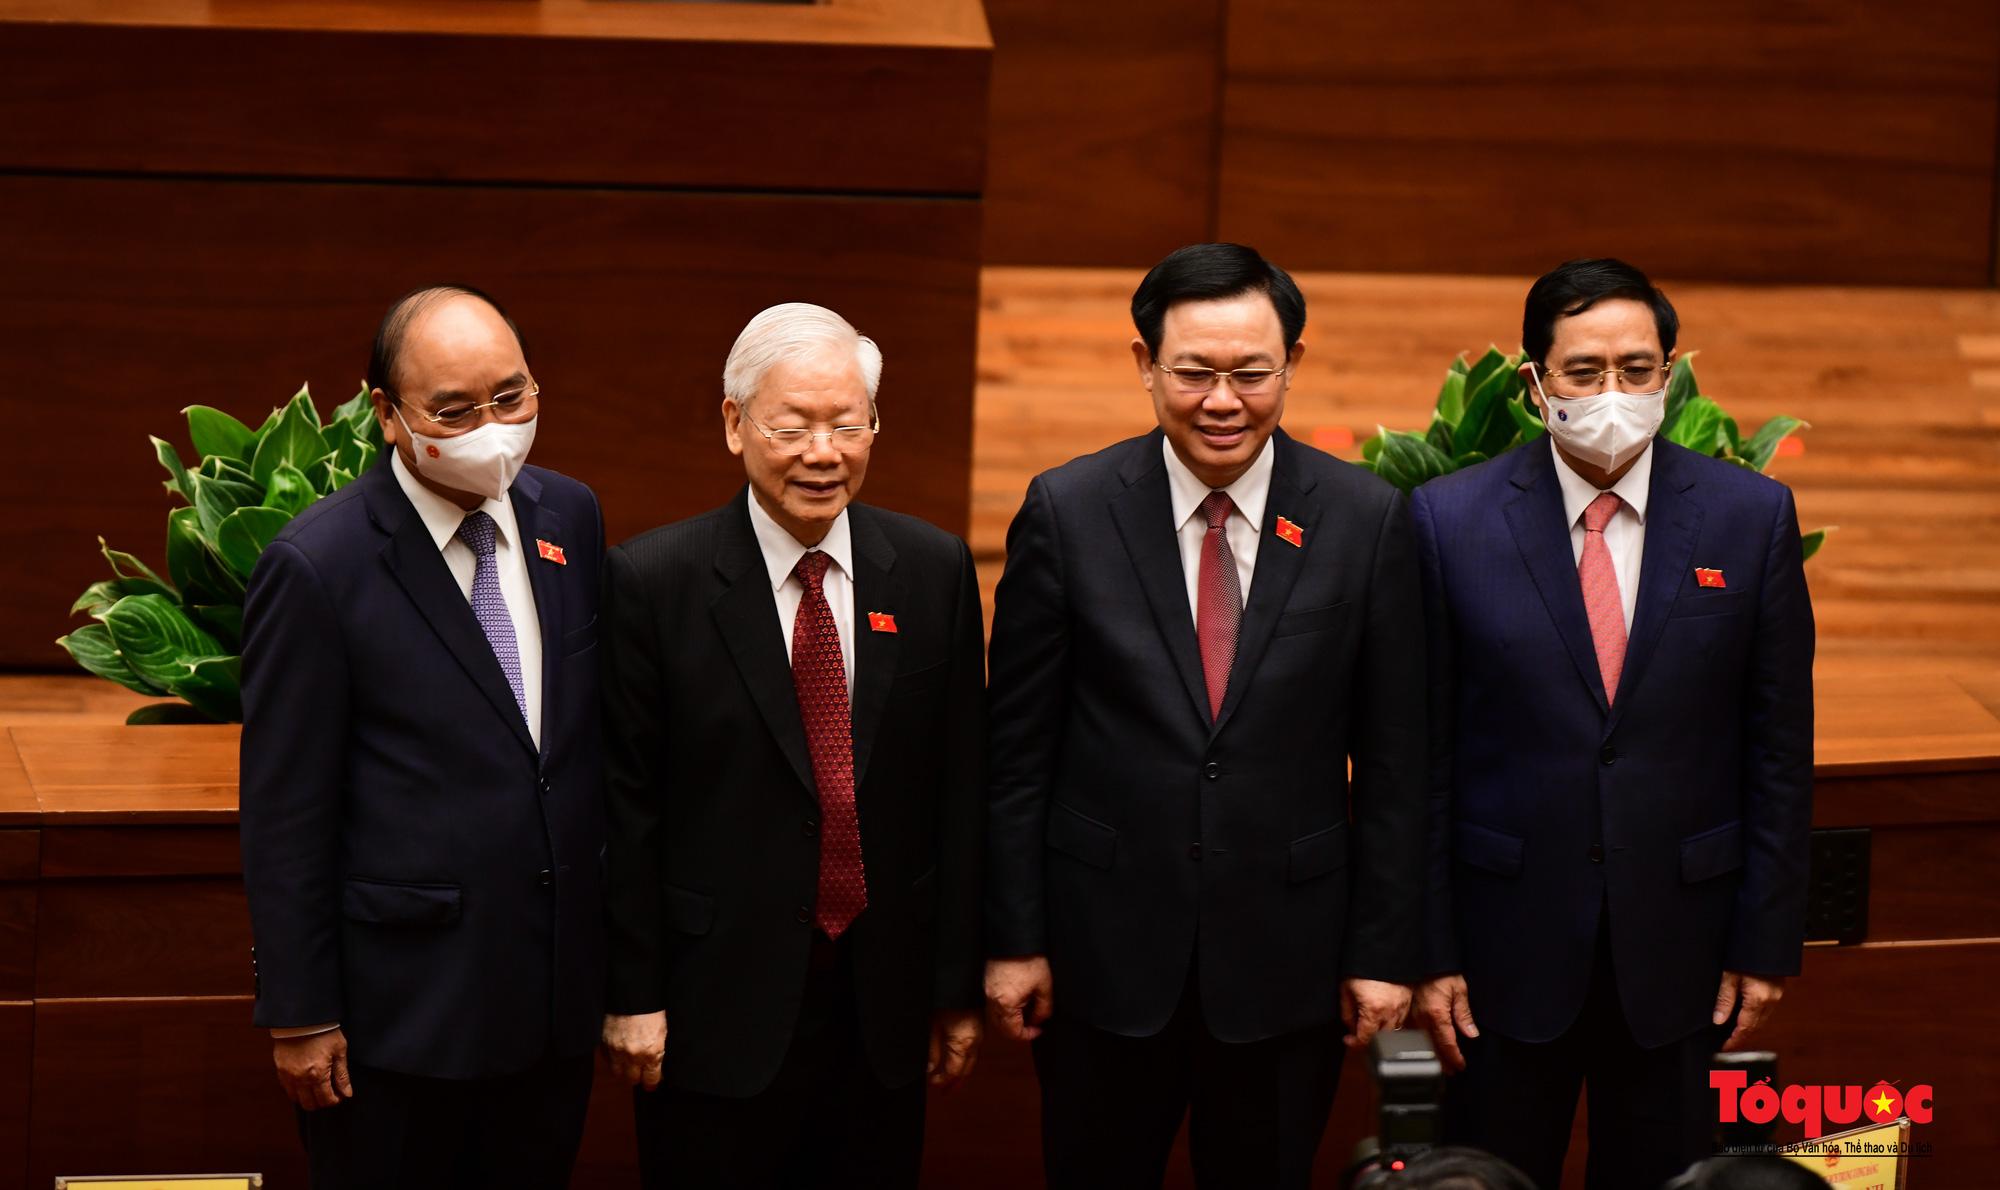 """Kì vọng Quốc hội sẽ hoạt động """"thực chất, thực quyền"""" hơn nữa dưới sự điều hành của Chủ tịch Quốc hội Vương Đình Huệ - Ảnh 2."""